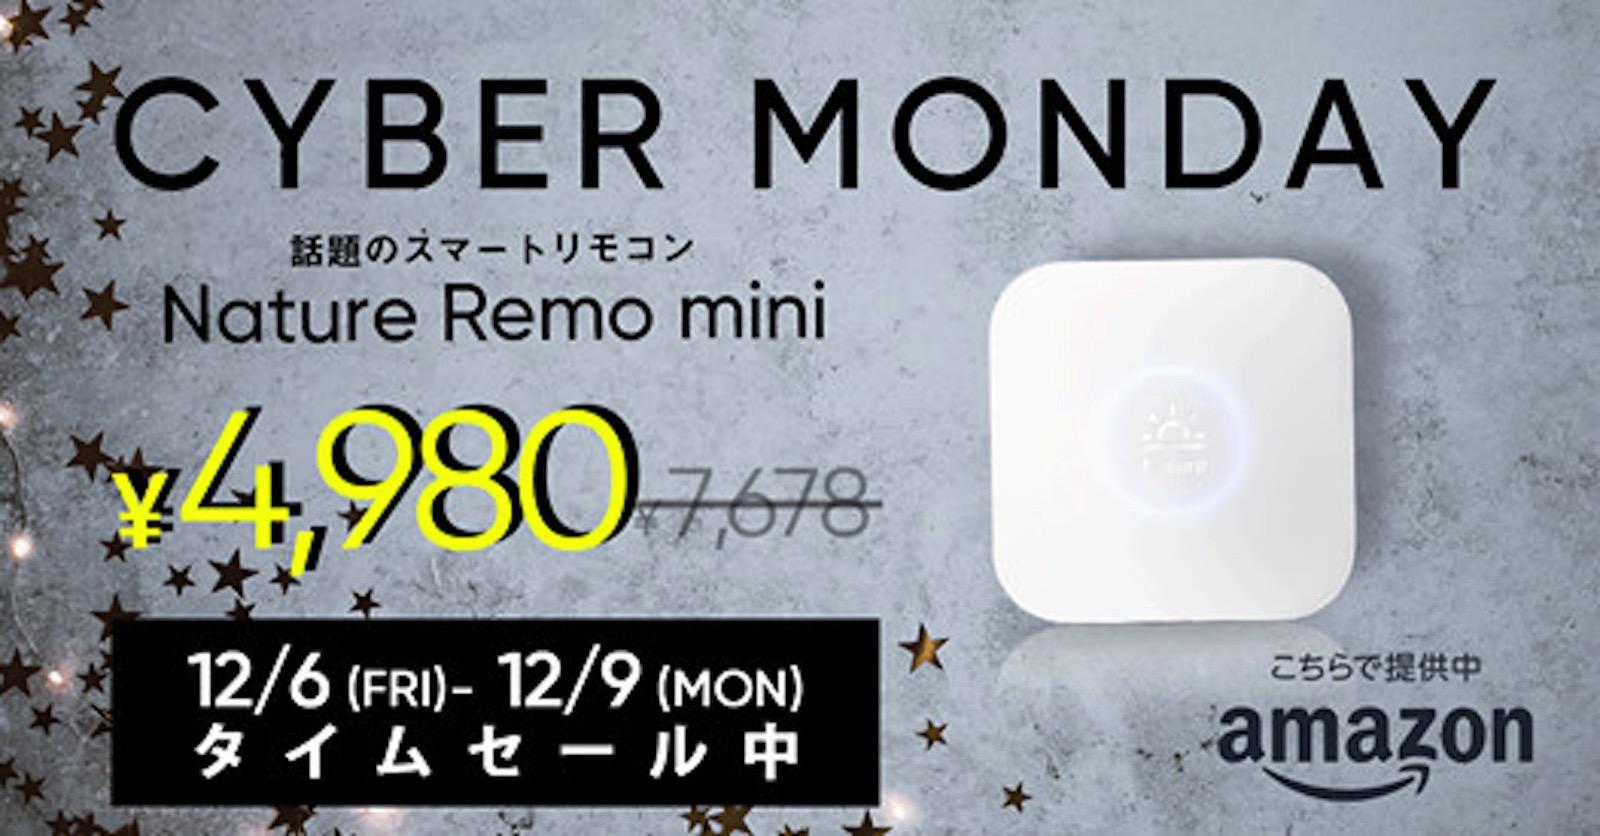 Cyber-Monday-Nature-Remo-Mini-Sale.jpg